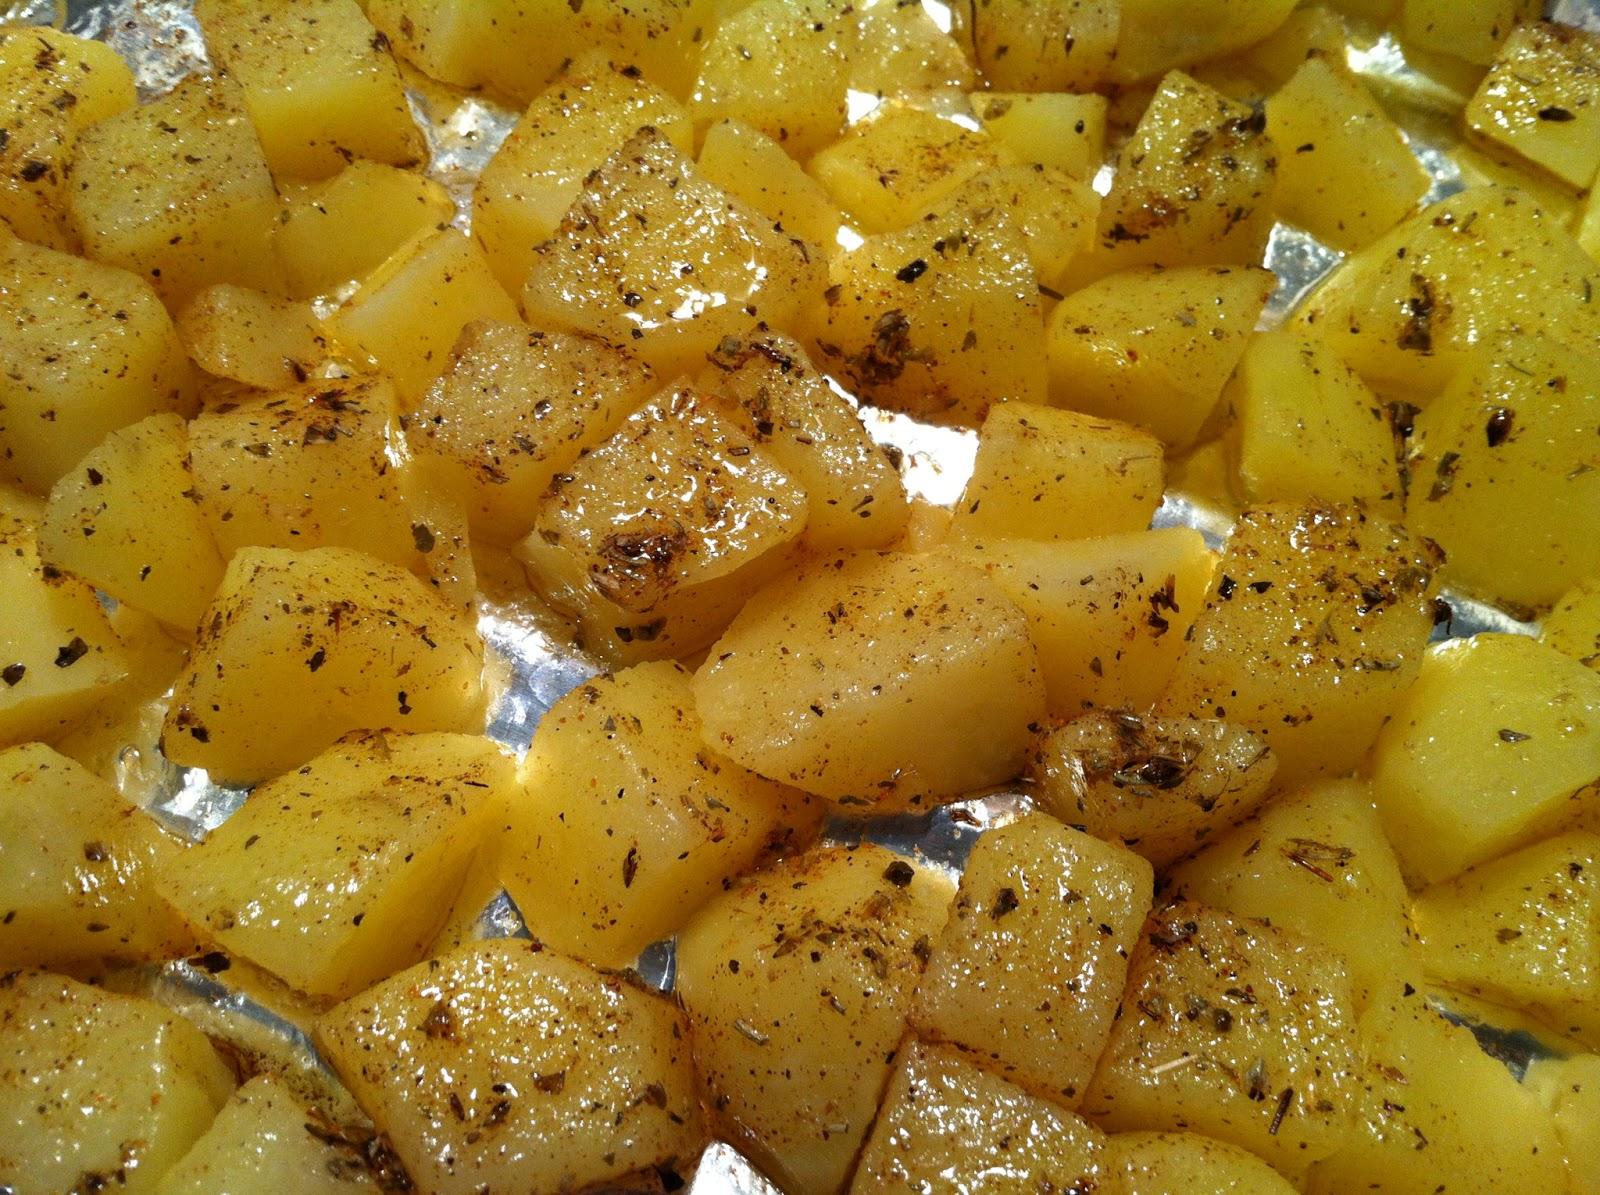 Inukares patatas al horno y papas arrug s con alioli - Patatas pequenas al horno ...